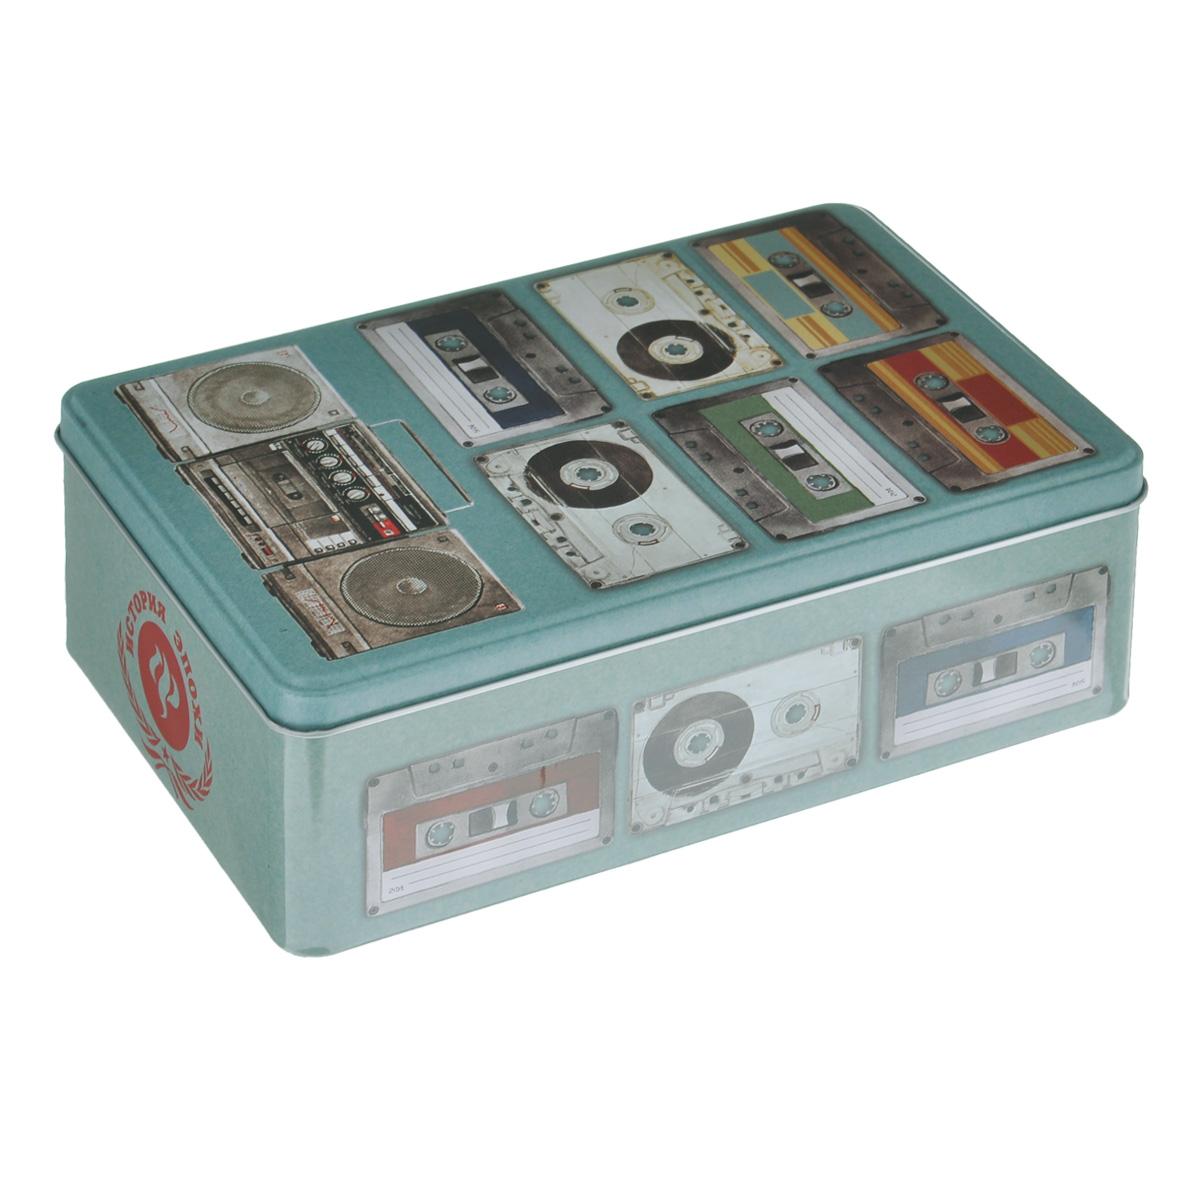 Коробка для хранения Феникс-презент Аудиокассеты, 20 х 13 х 6,5 см74-0060Коробка для хранения Феникс-презент Аудиокассеты, выполненная из металла, декорирована изображением различных аудиокассет. Внутри коробки имеется одно вместительное отделение. Крышка изделия открывается с помощью откидного механизма.Коробка для хранения Феникс-презент Аудиокассеты станет оригинальным украшением интерьера и позволит хранить украшения, бижутерию, а также предметы шитья или рукоделия.